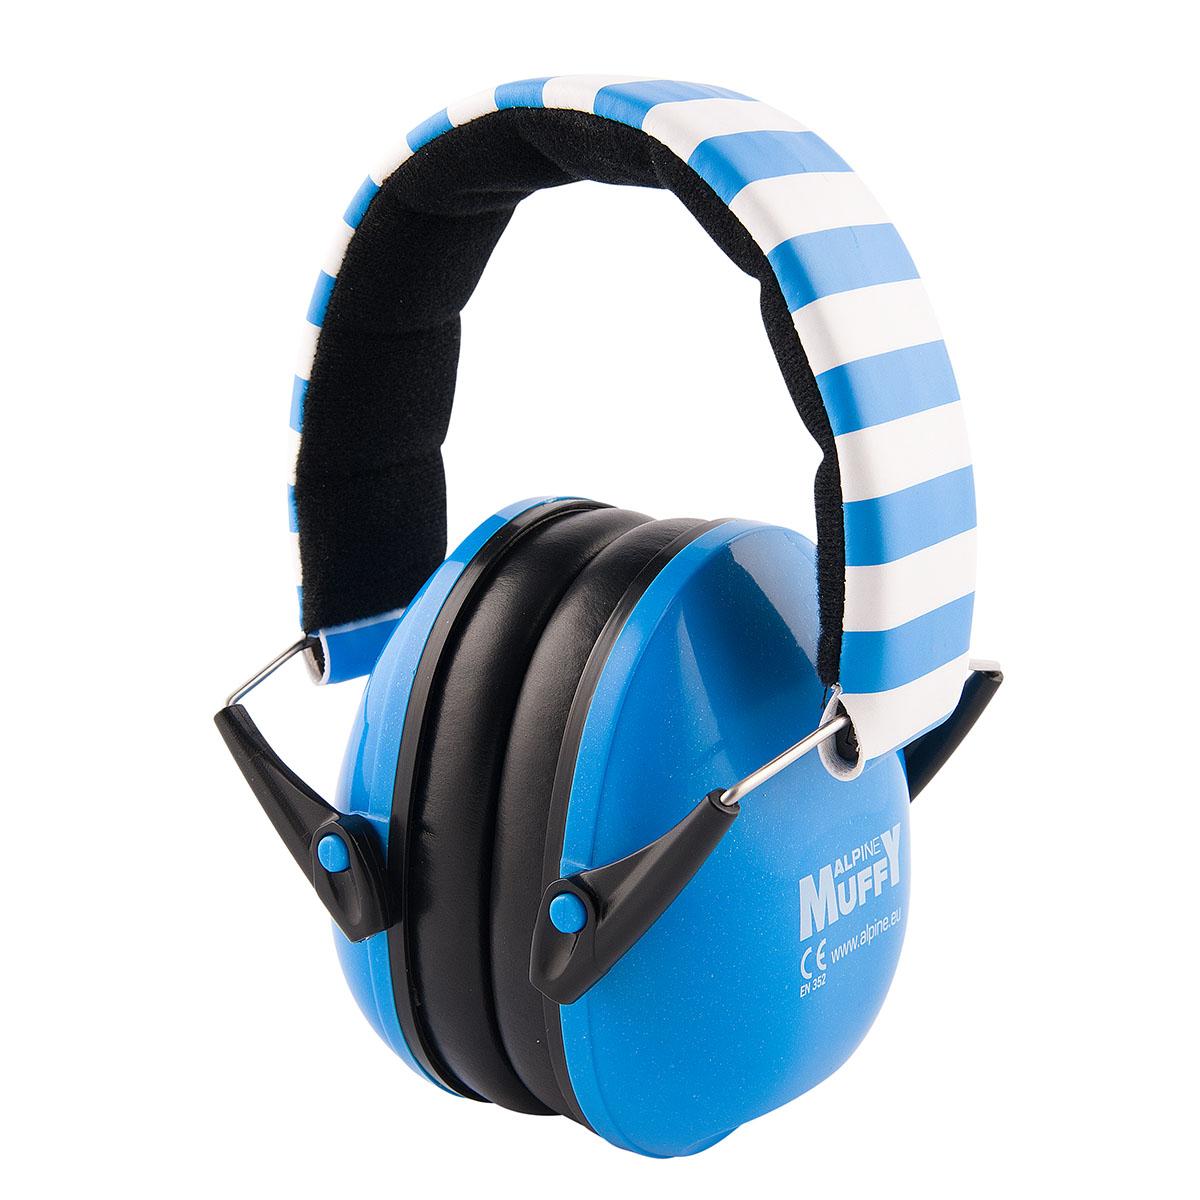 фото 2 - Наушники для детей ALPINE MUFFY  синие